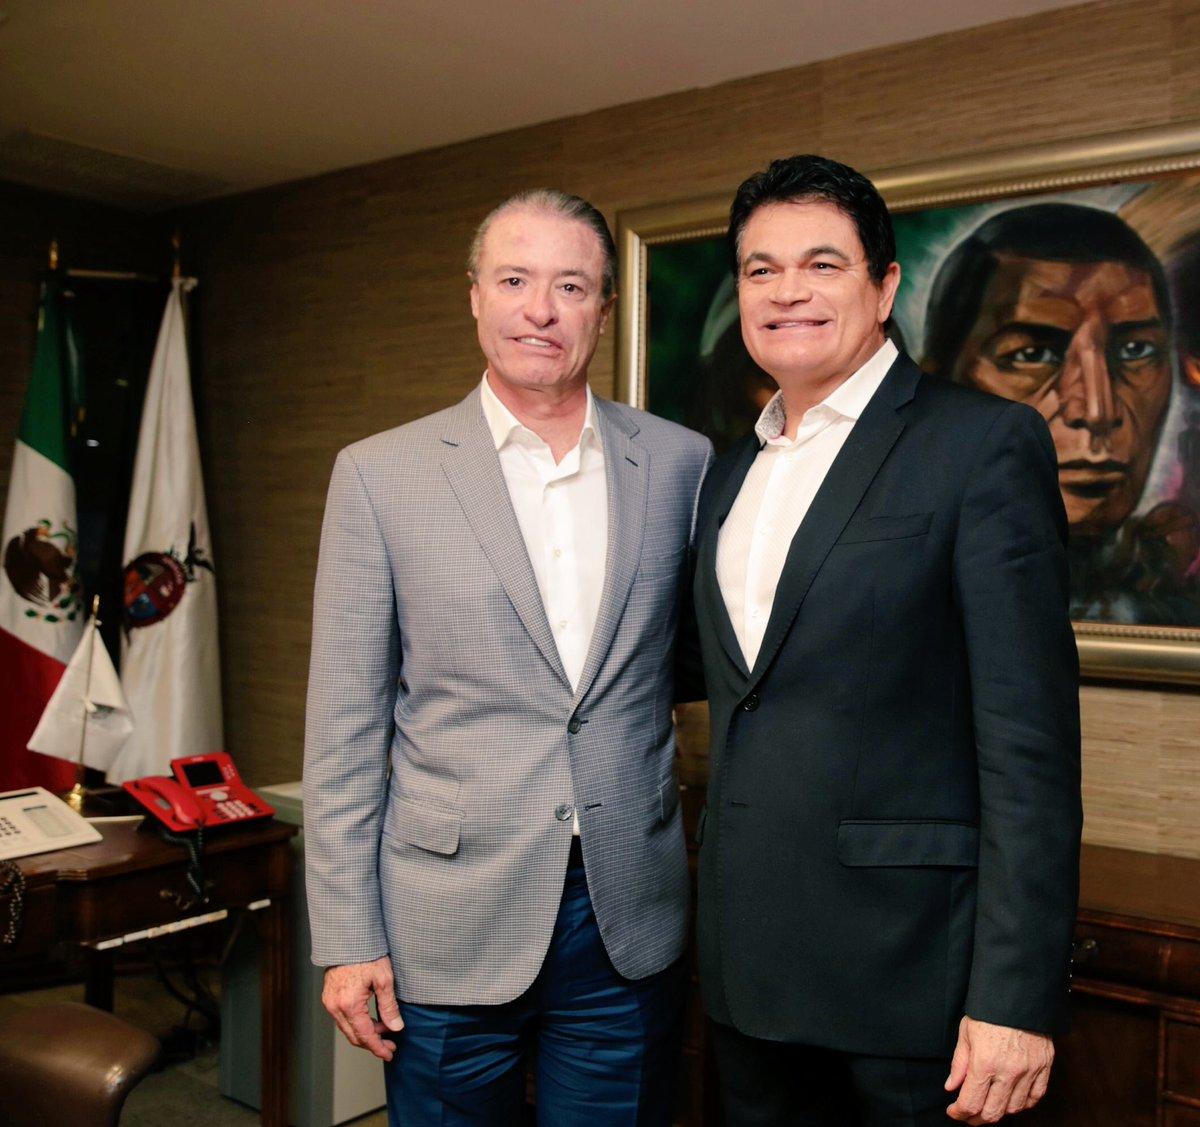 Hoy Sinaloa es más fuerte y puede mirar al futuro con mayor confianza y optimismo; servir a los Sinaloenses es un gran honor! @QuirinoOC https://t.co/5MiAu7anMY